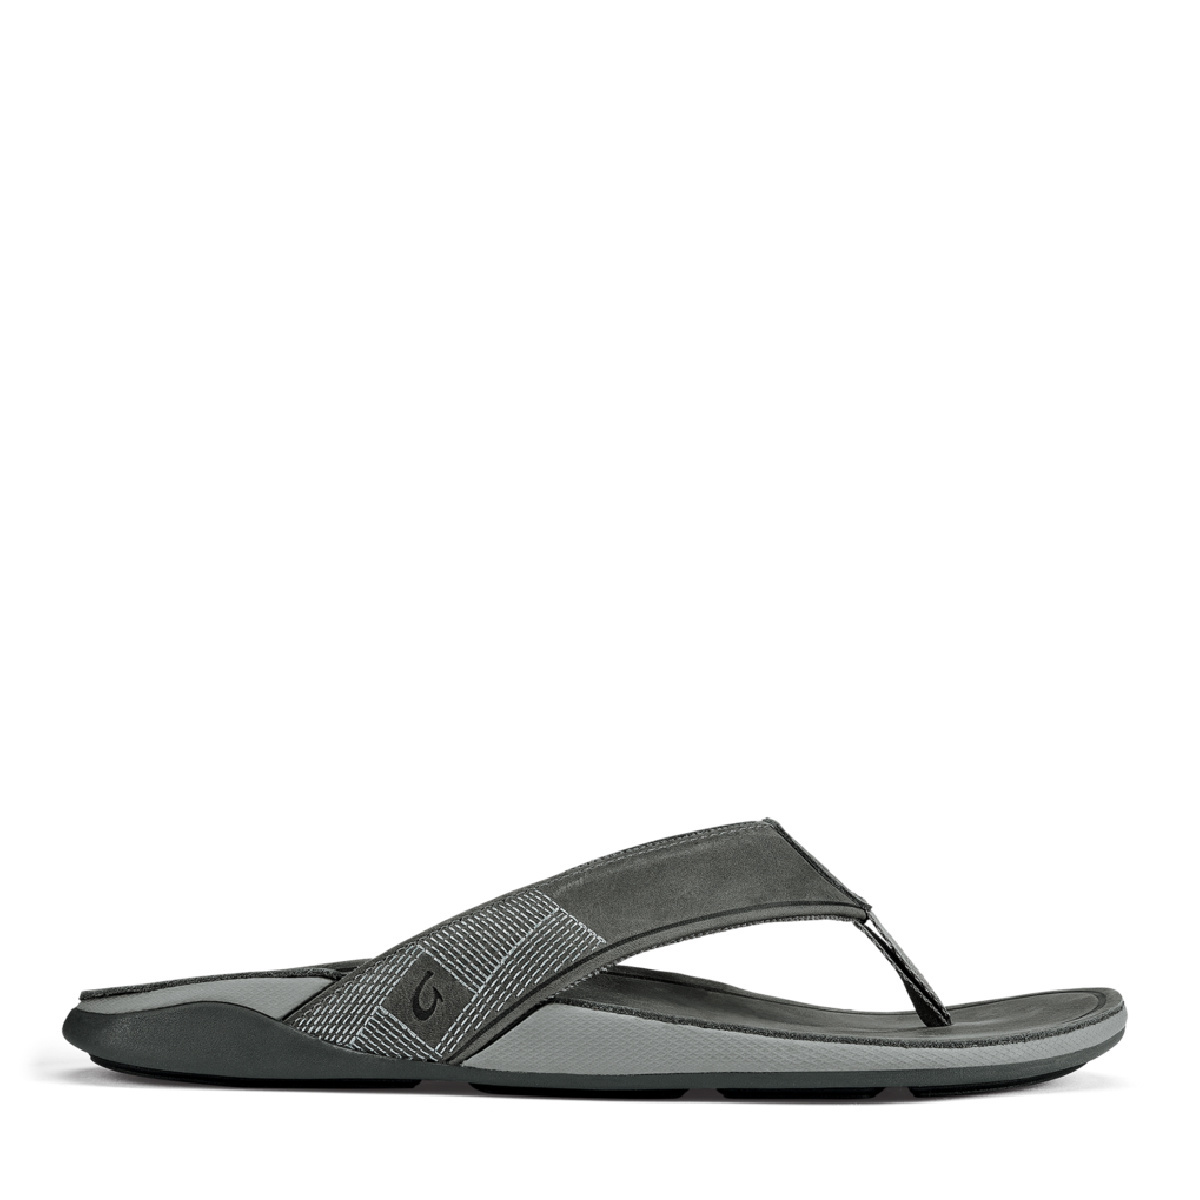 OluKai OluKai Tuahine Leather Flip Stone